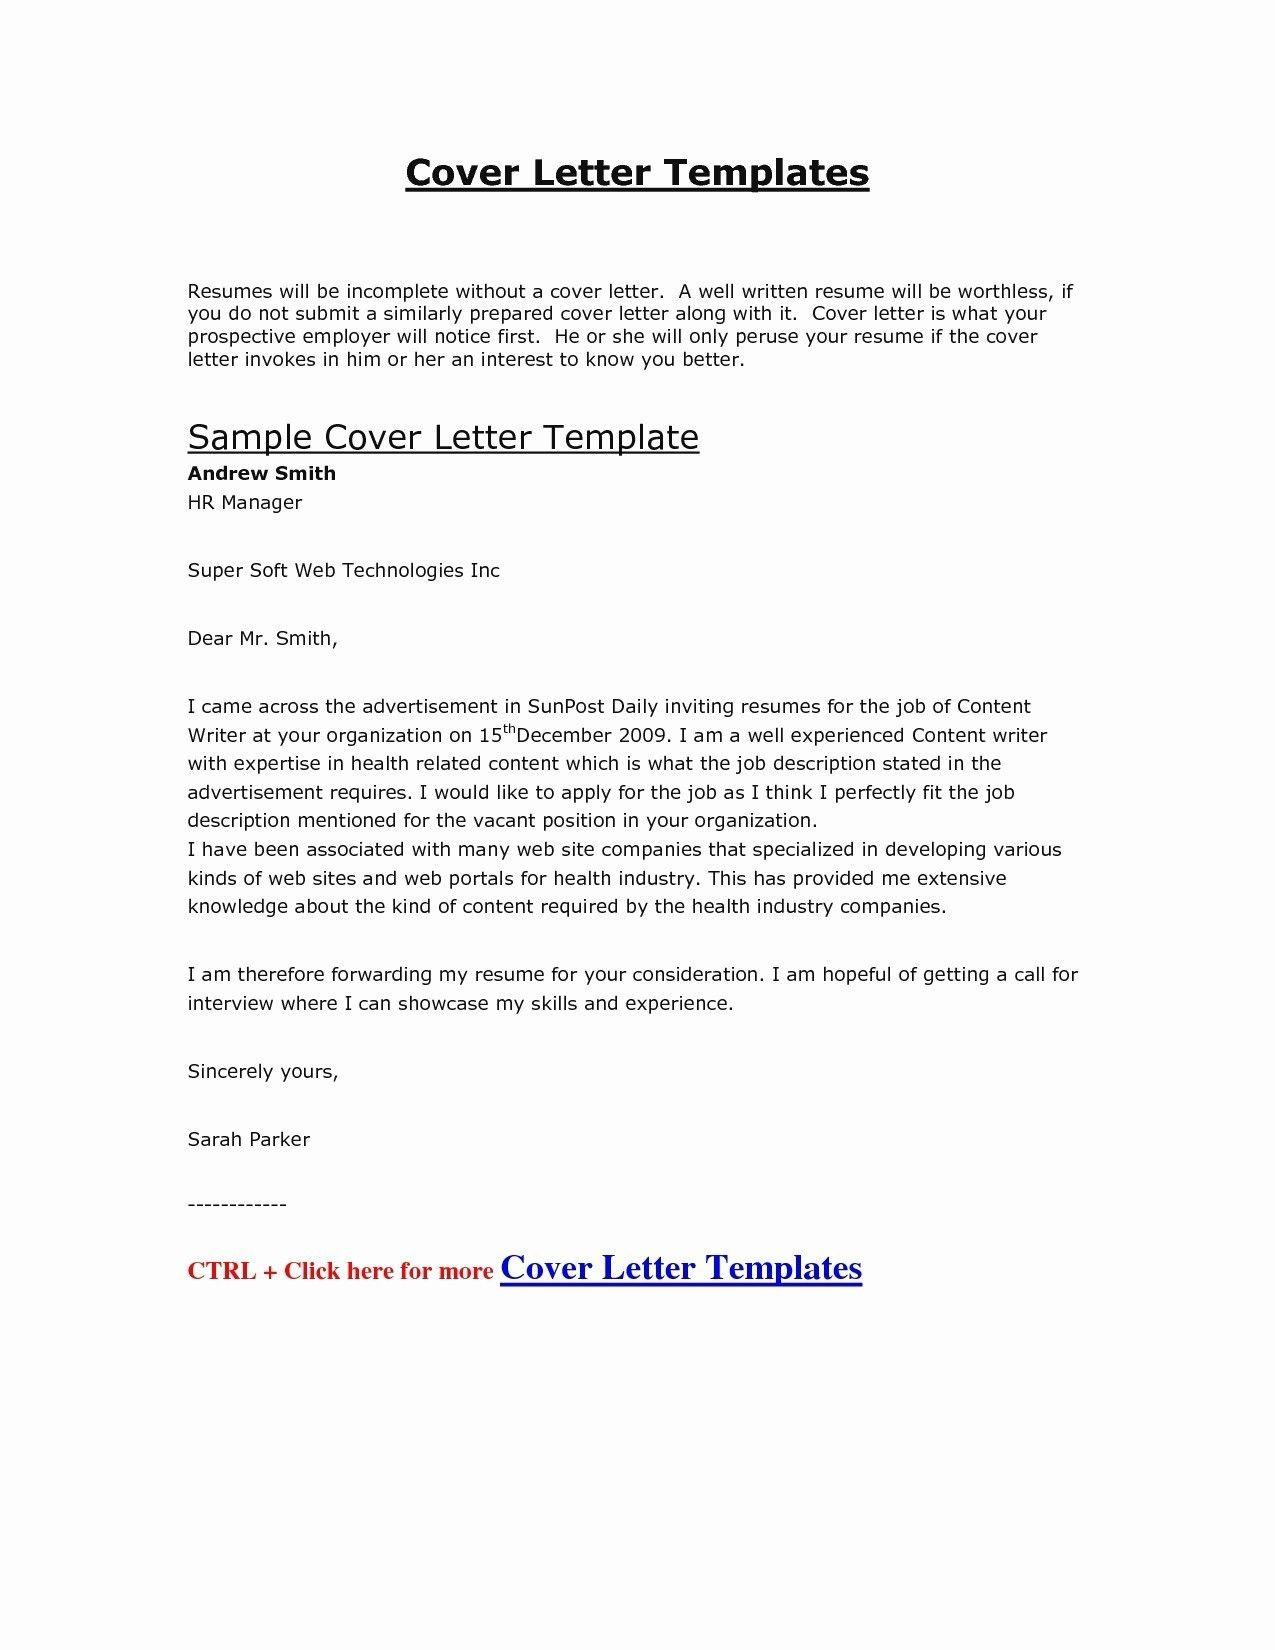 Cover Letter Template Uk 2018 cover coverlettertemplate letter